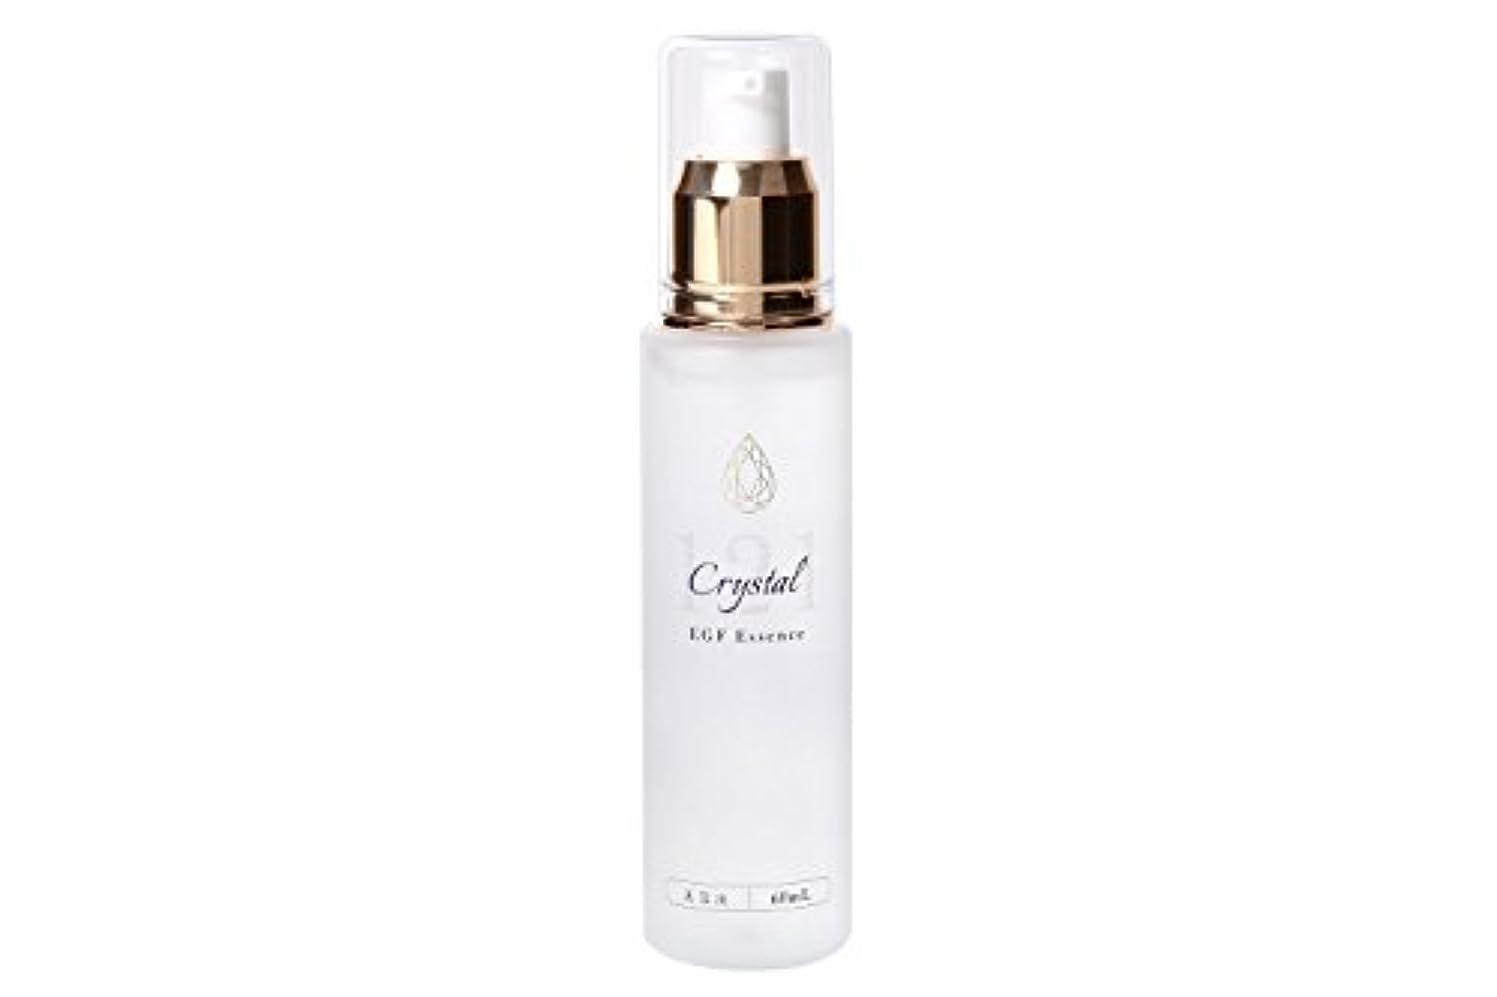 問い合わせる脆い治療EGF 美容液 エッセンス 60ml 2か月分 クリスタル121 レディース メンズ 無香料